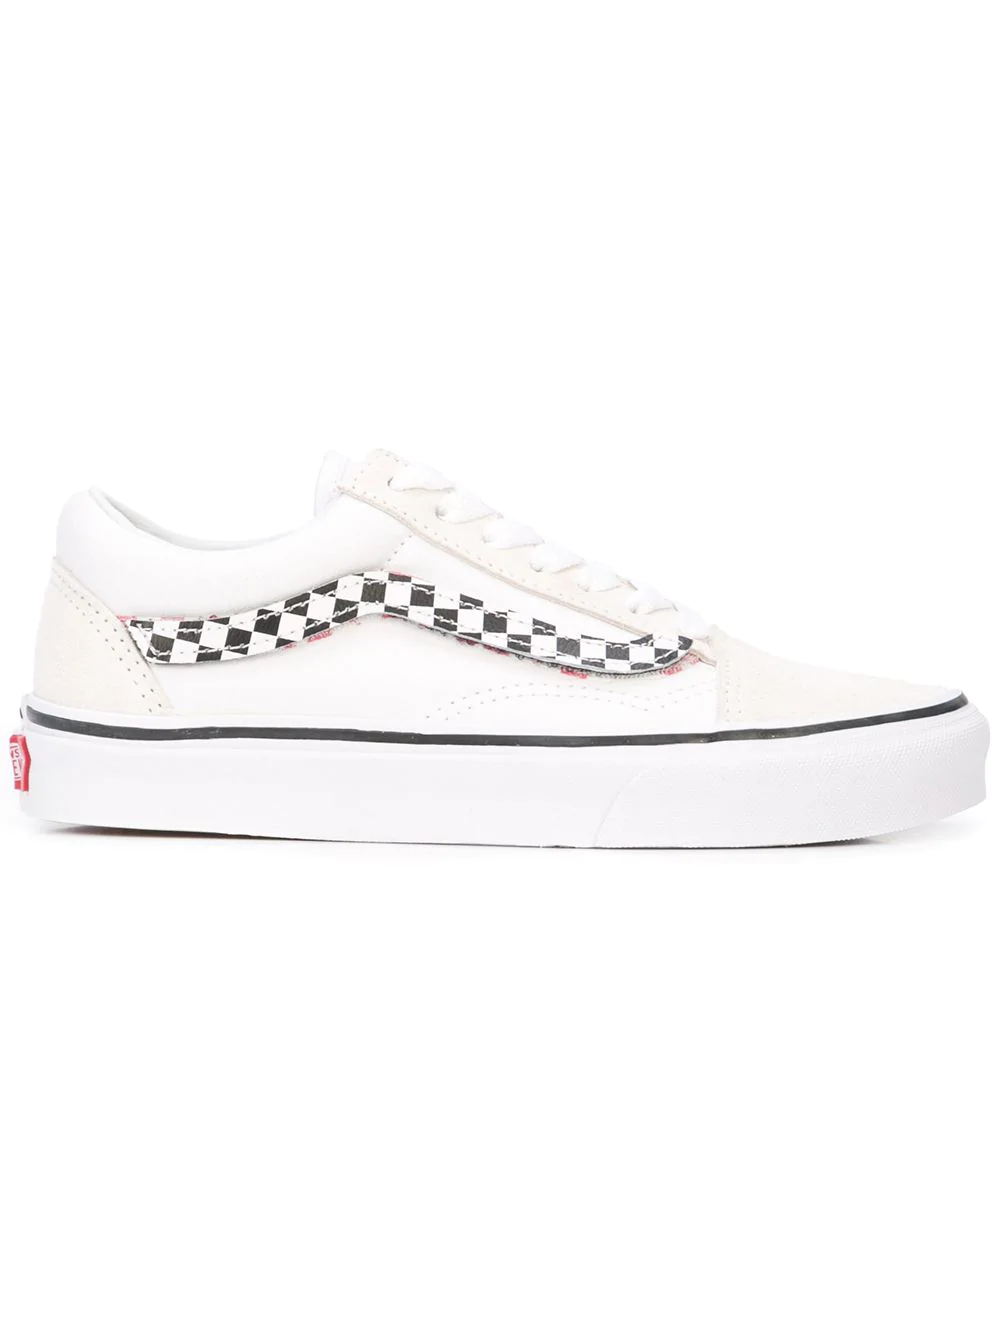 7e384c48b5 Vans Old Skool Sneakers - White